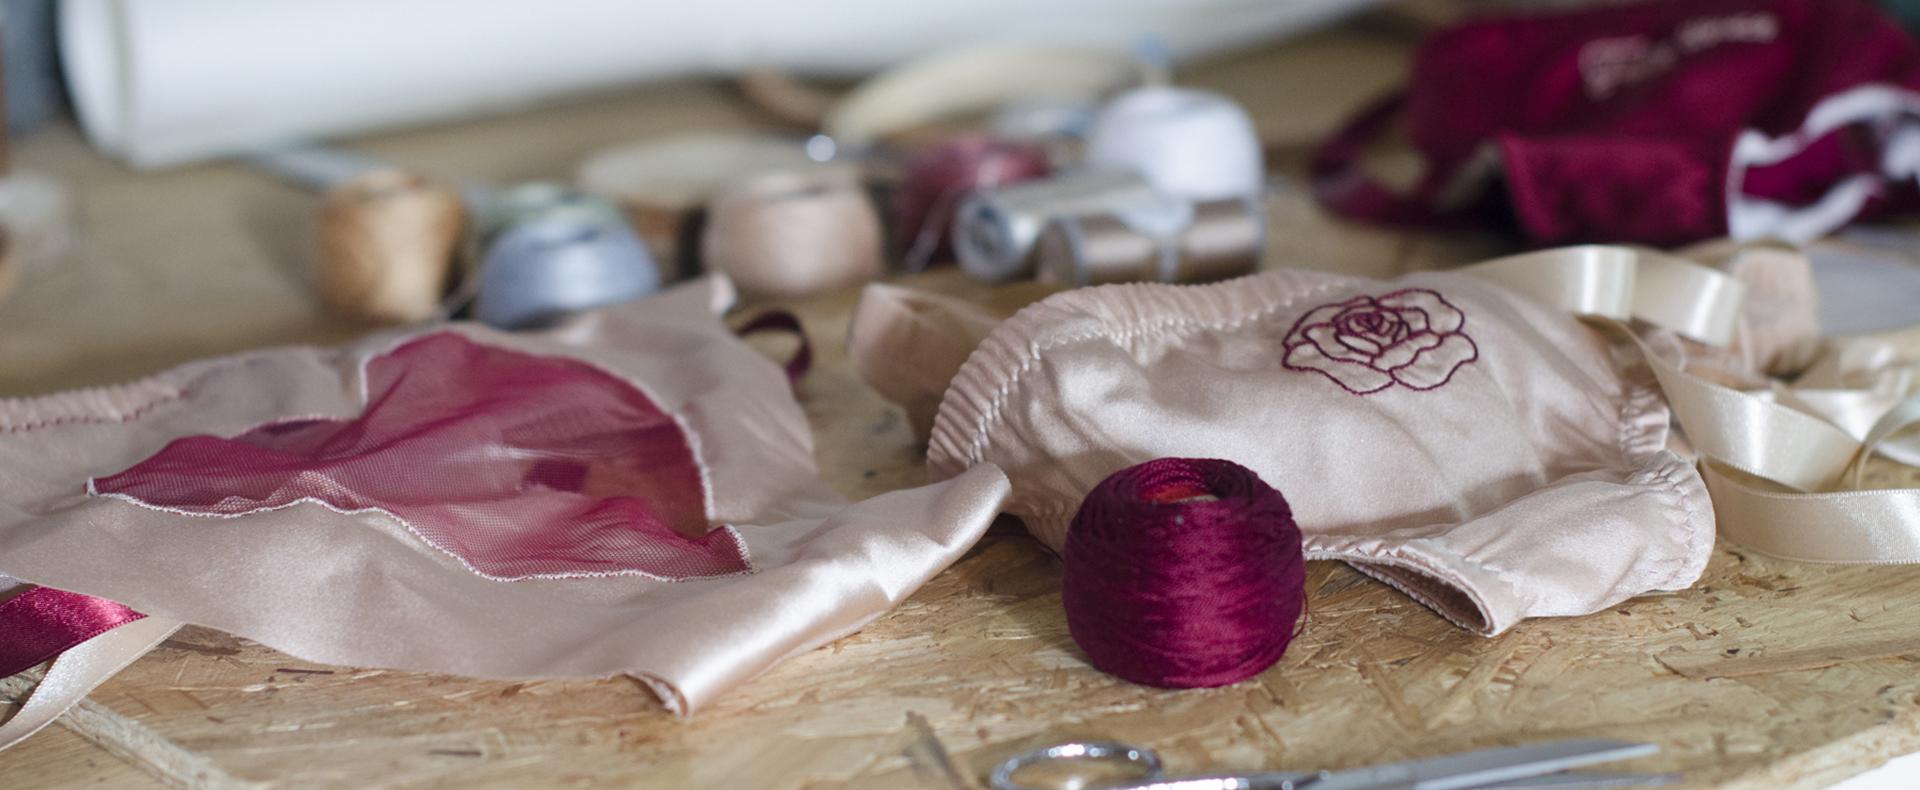 culottes rose poudré brodée avec une rose bordeaux et un coeur incrusté